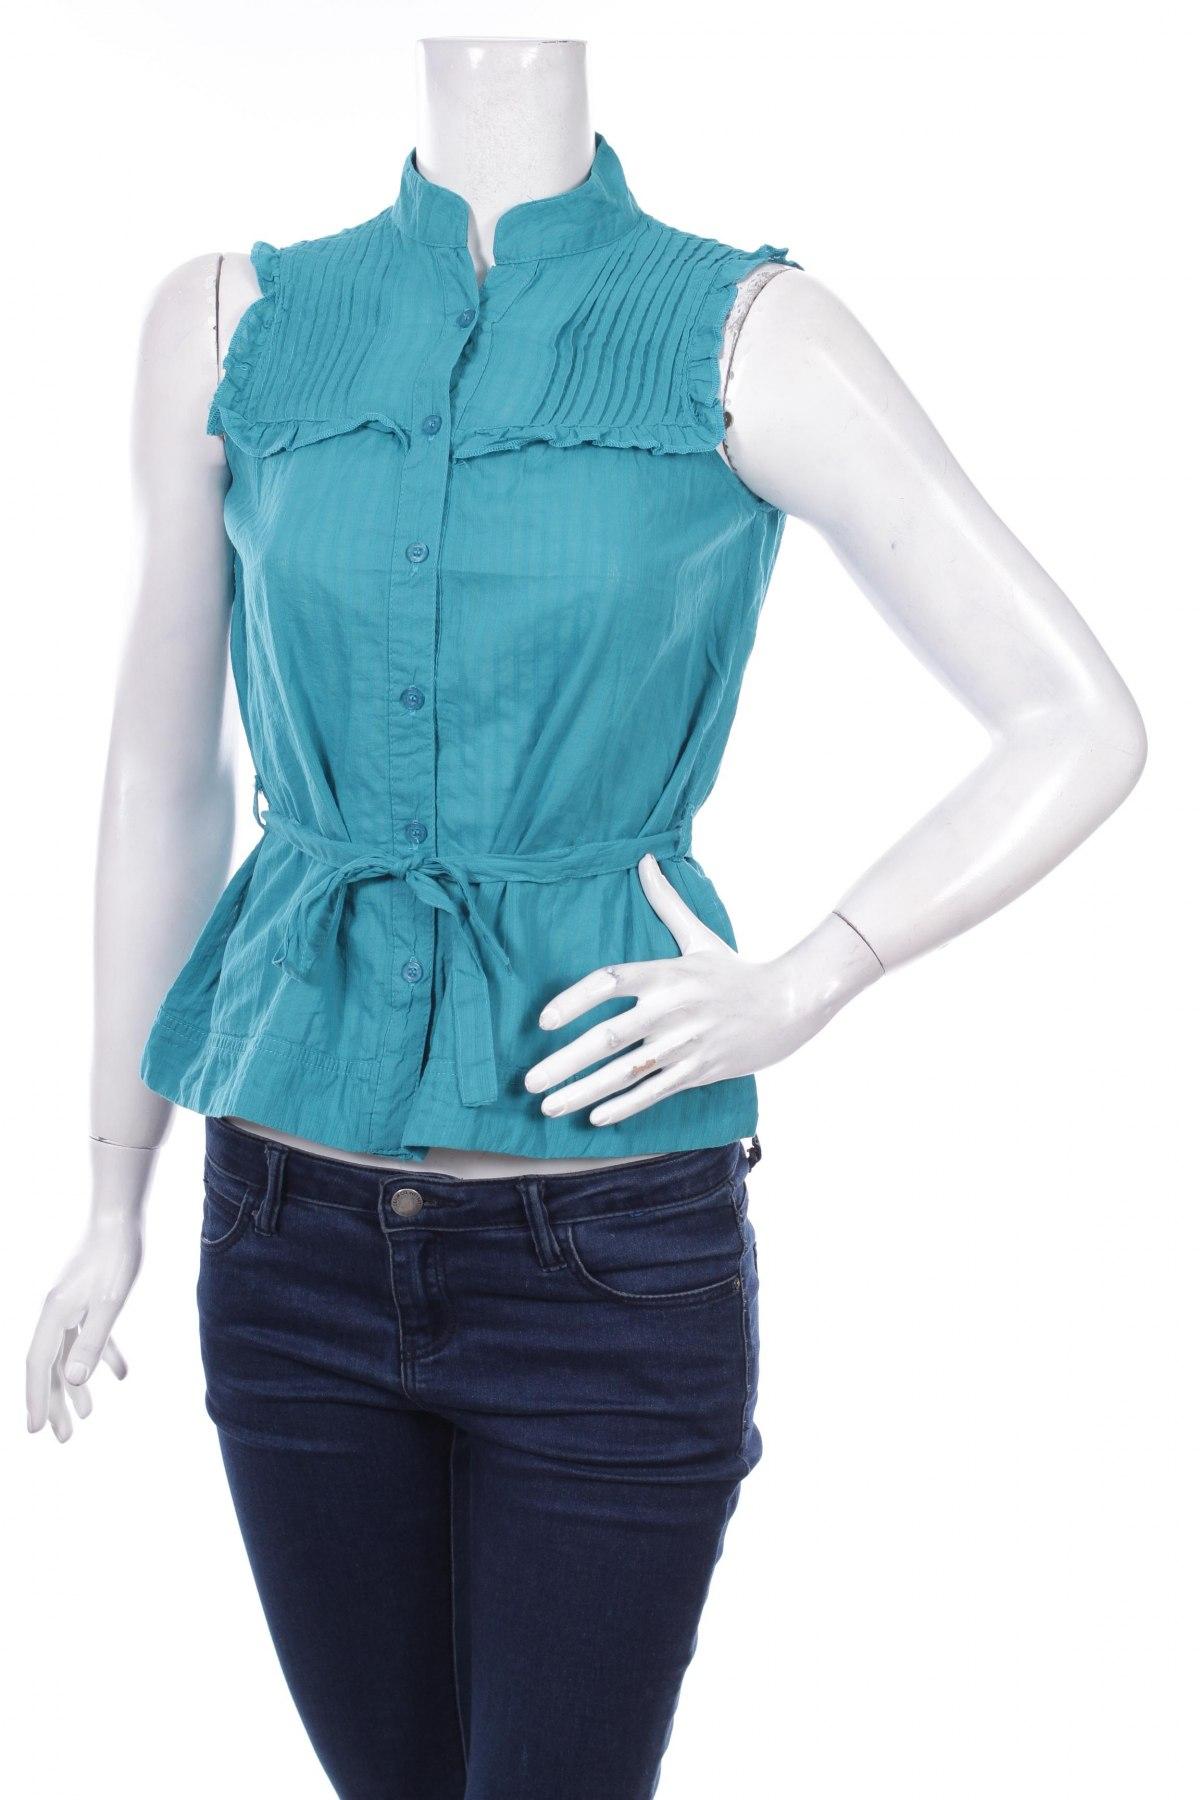 Γυναικείο πουκάμισο, Μέγεθος XS, Χρώμα Πράσινο, 100% βαμβάκι, Τιμή 16,49€